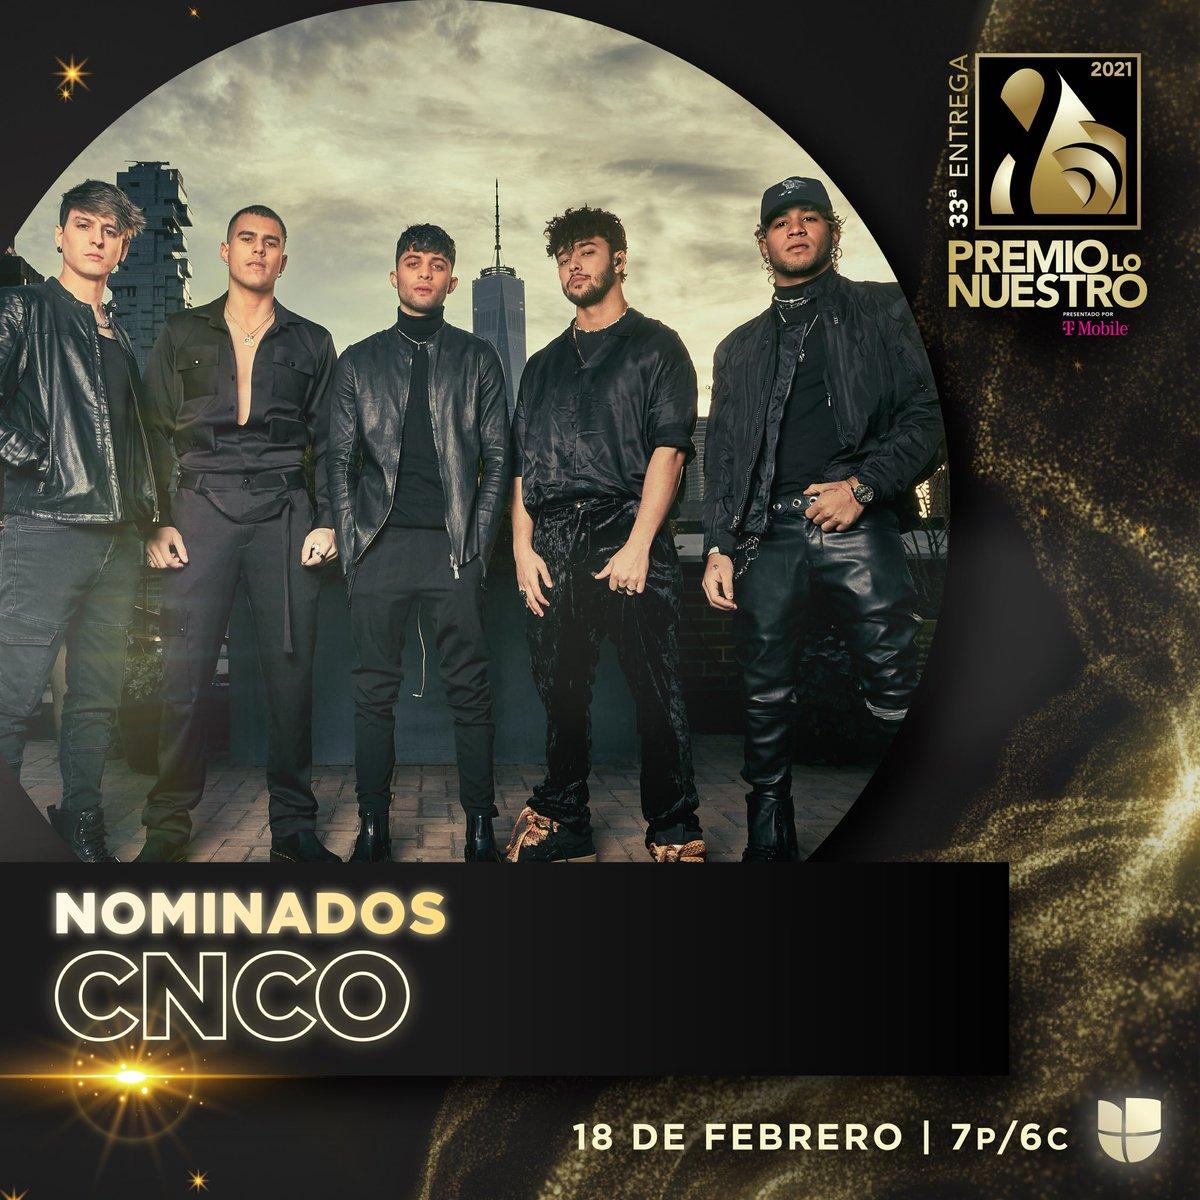 CNCOWNERS!! Ya votaste por @premiolonuestro?? Hoy es el último día para votar!!! 🚨☑️ Tag us in your voting screenshots and we'll share them! 🔥🔥🔥